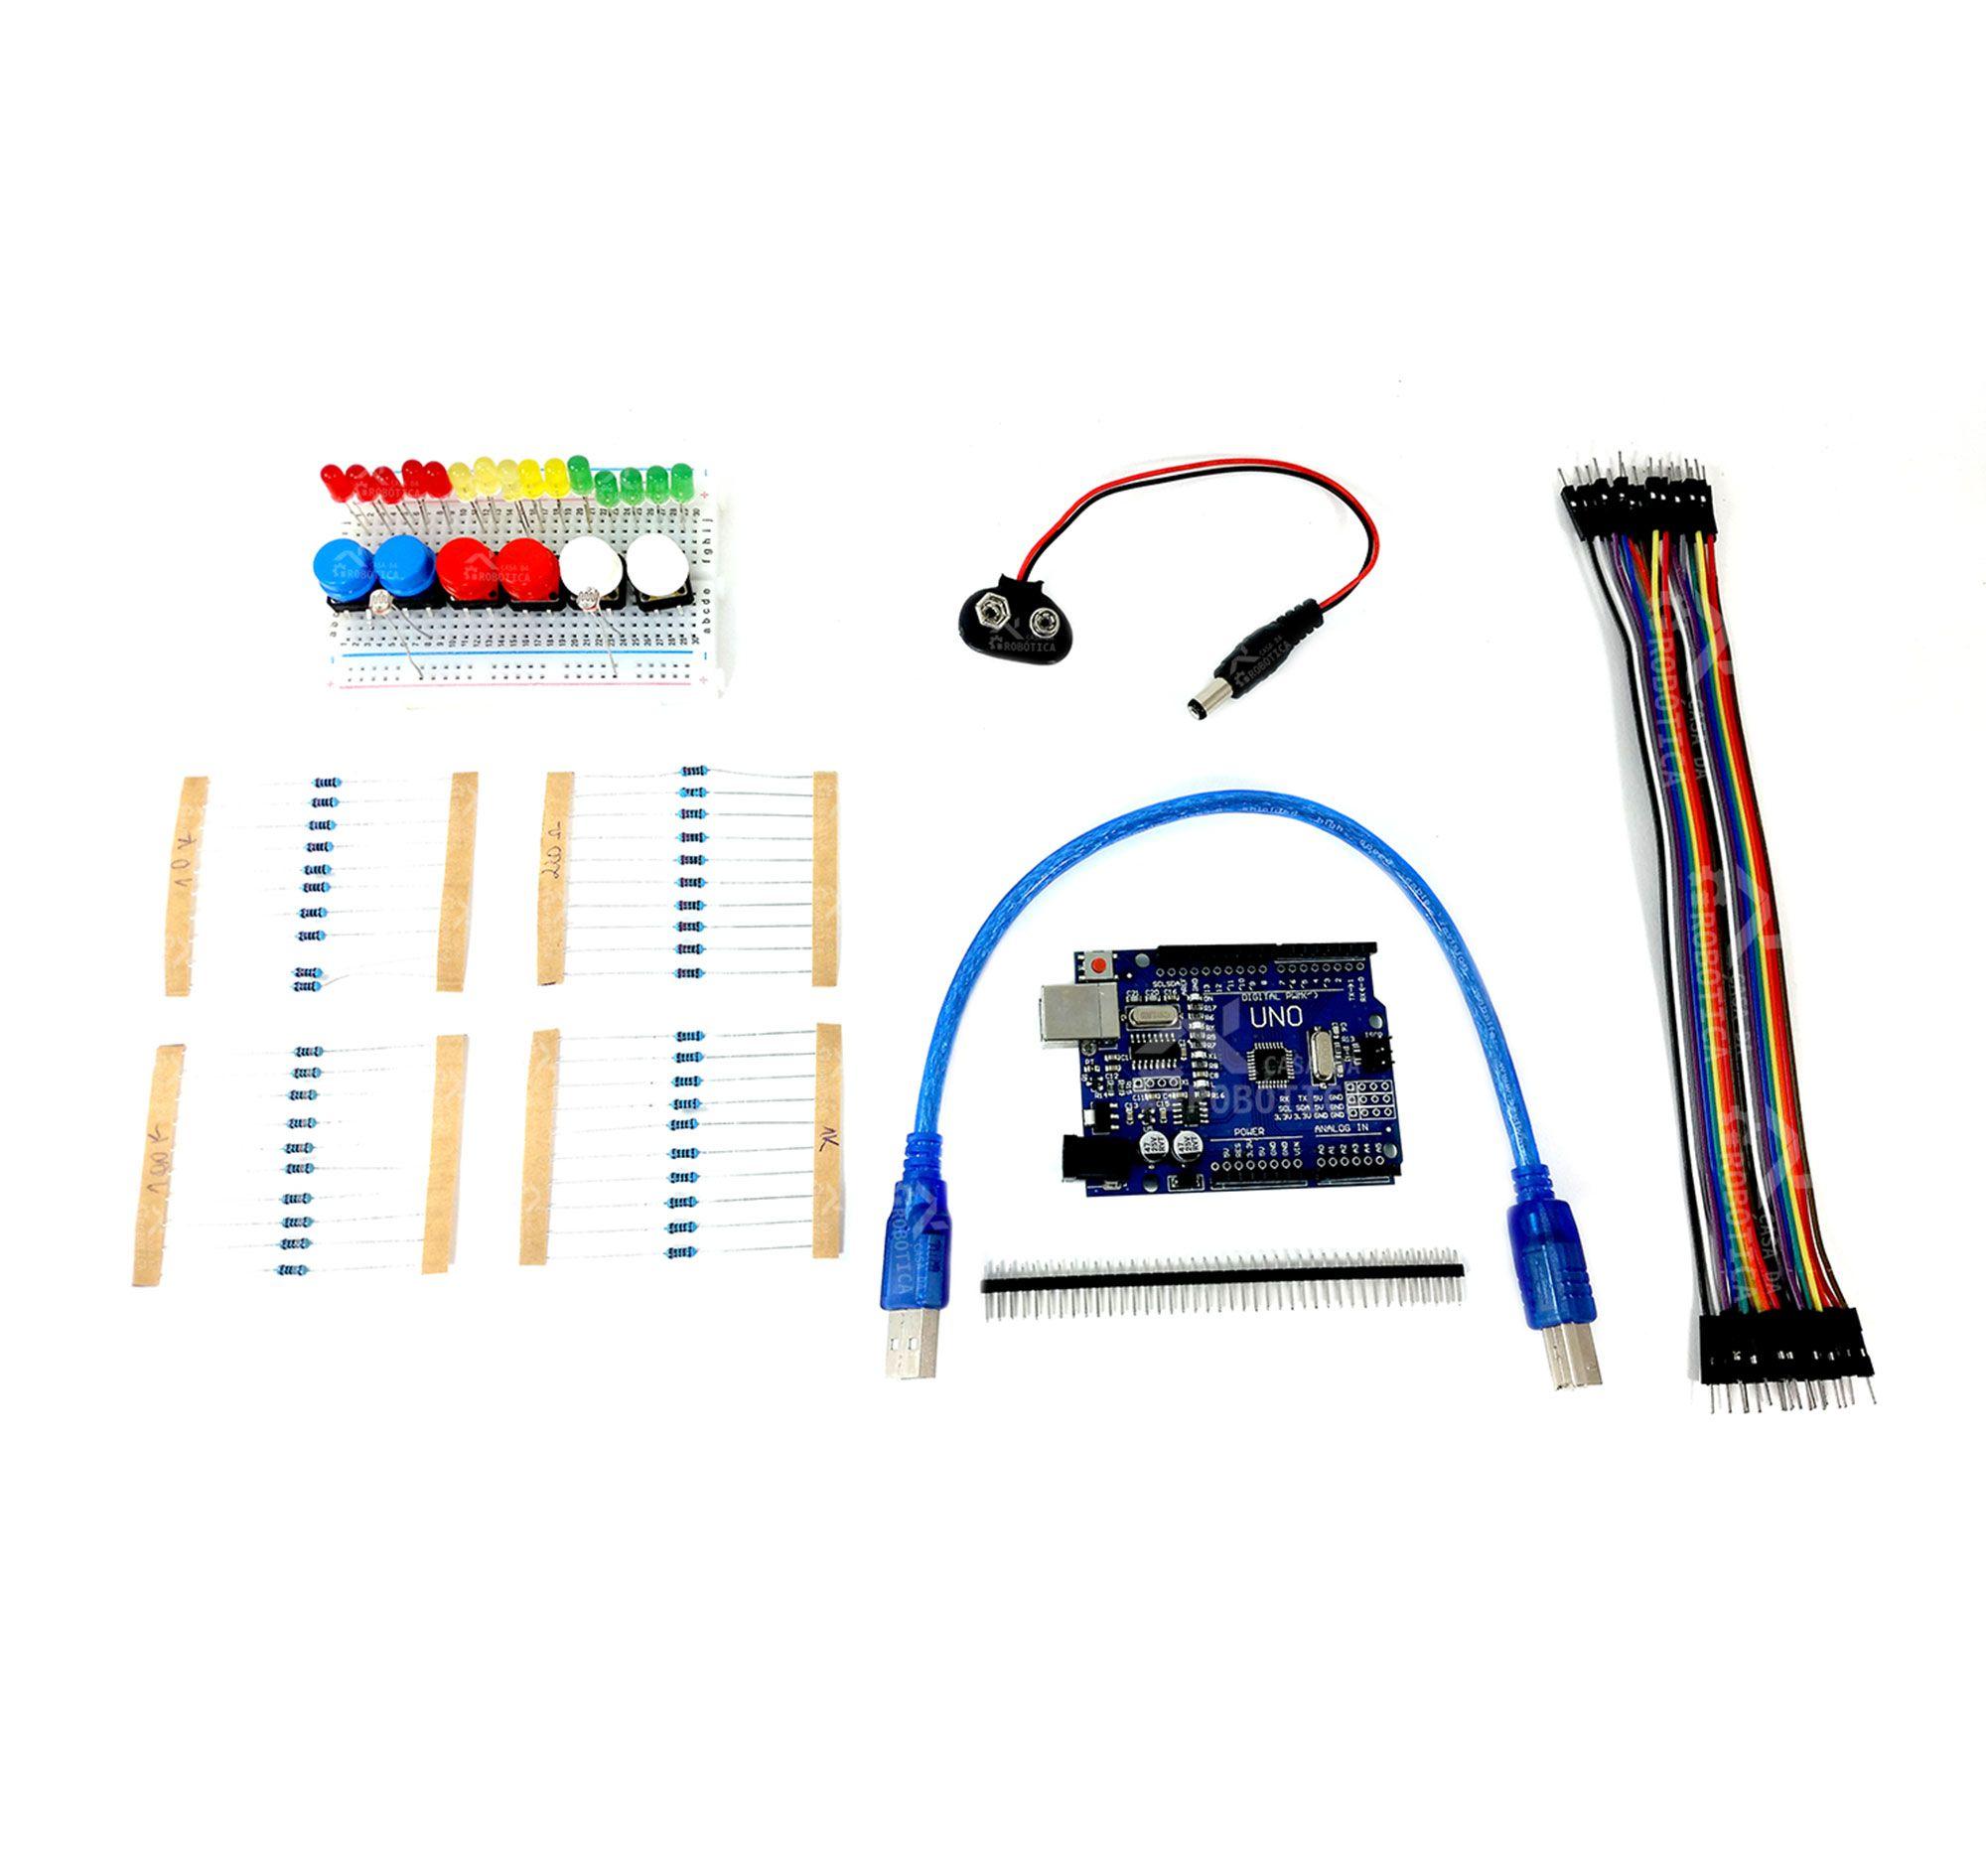 Kit Uno SMD R3 para Iniciantes em Arduino